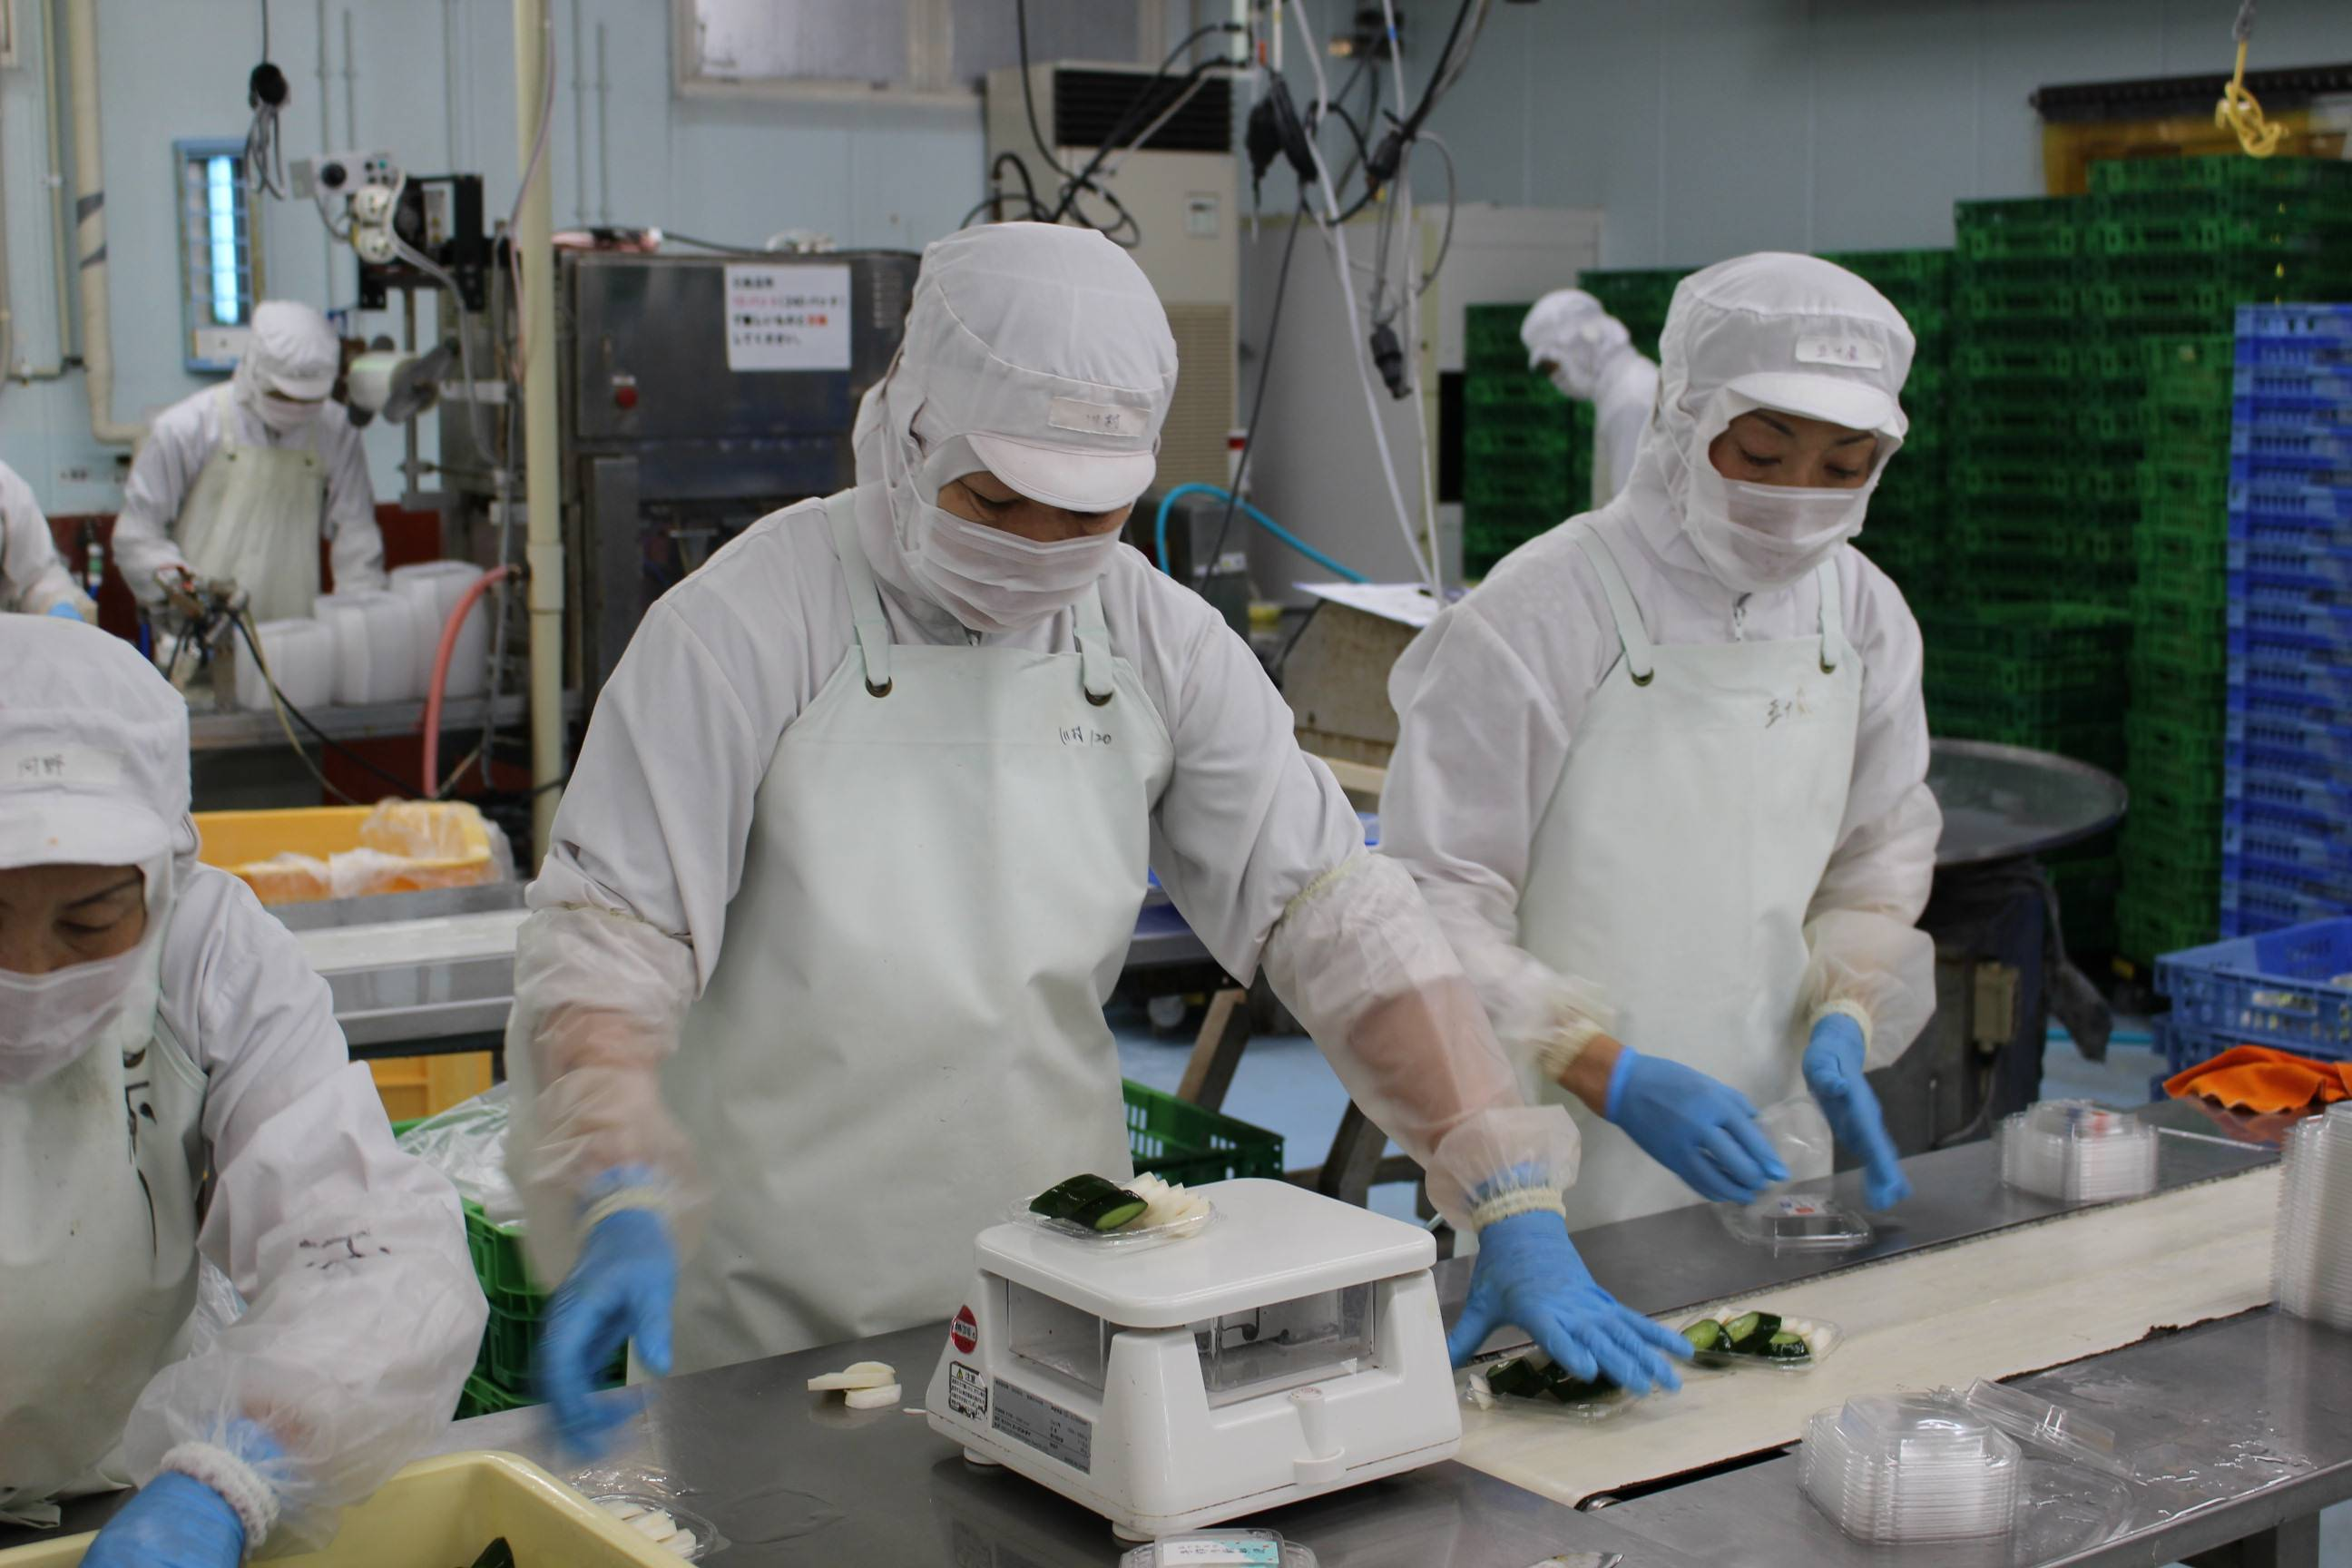 関口漬物食品株式会社 北関東営業所